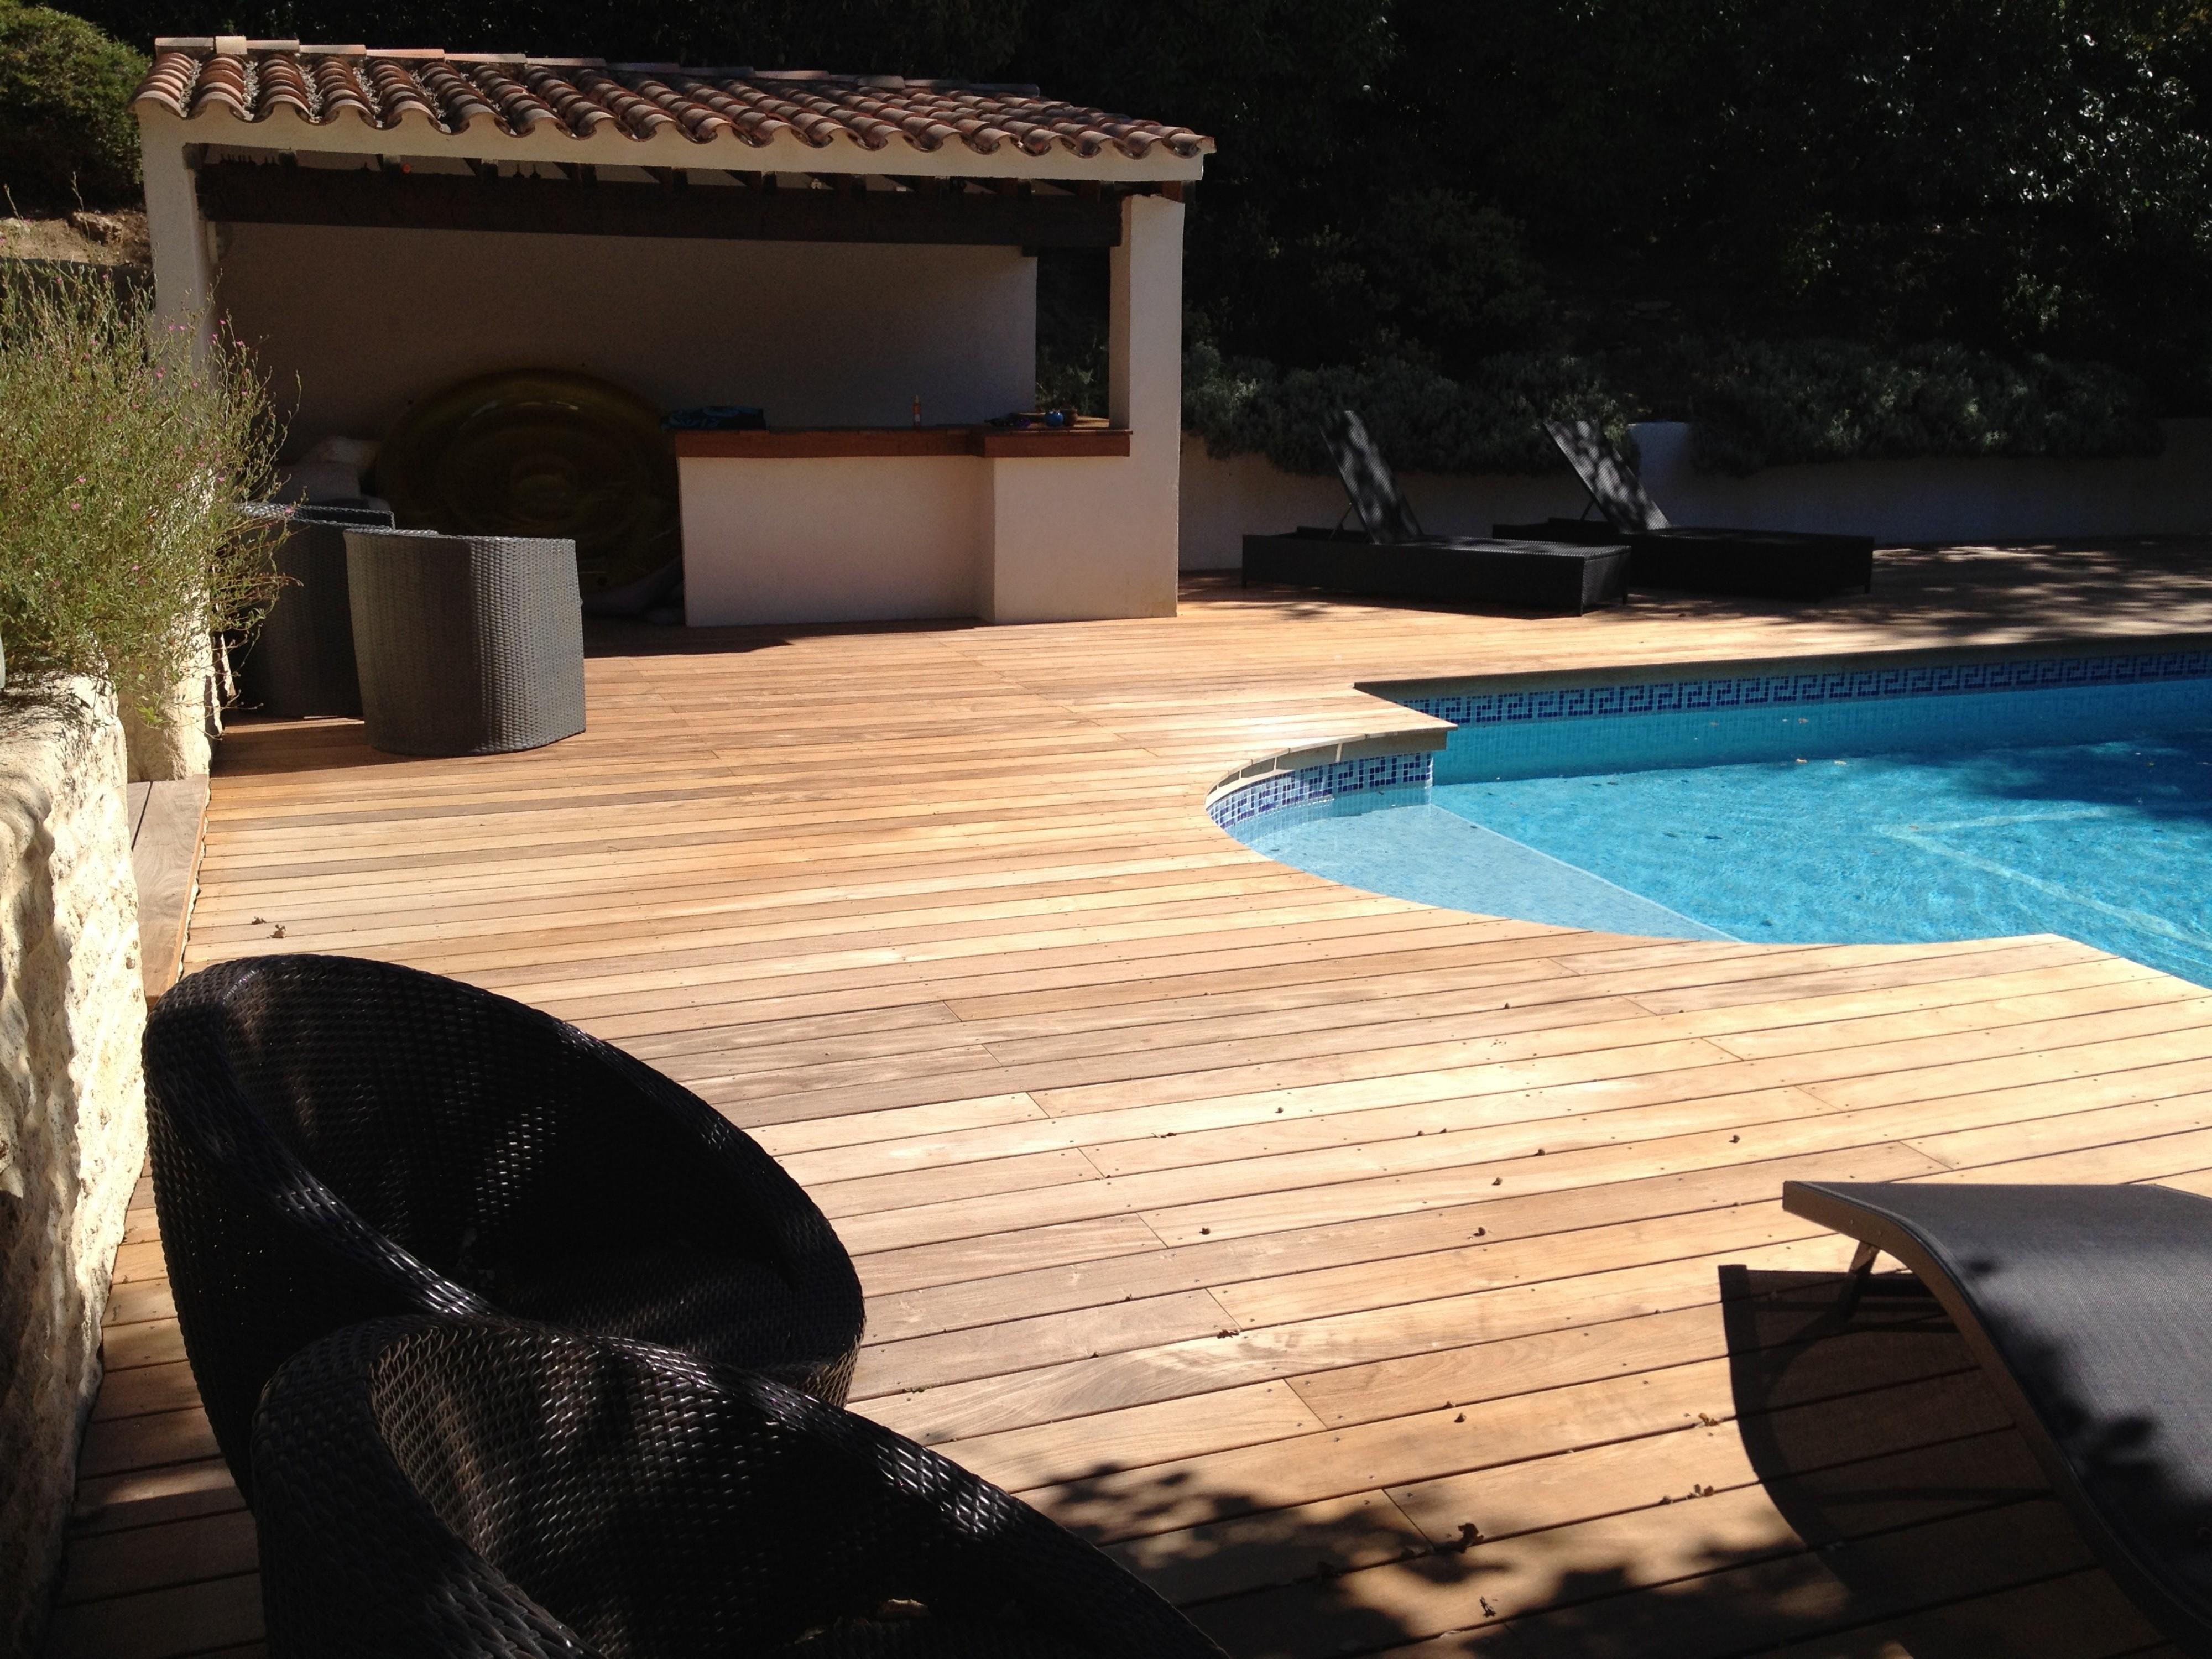 Plage piscine bois var 83 am nagement de terrasse en - Amenagement piscine bois aixen provence ...